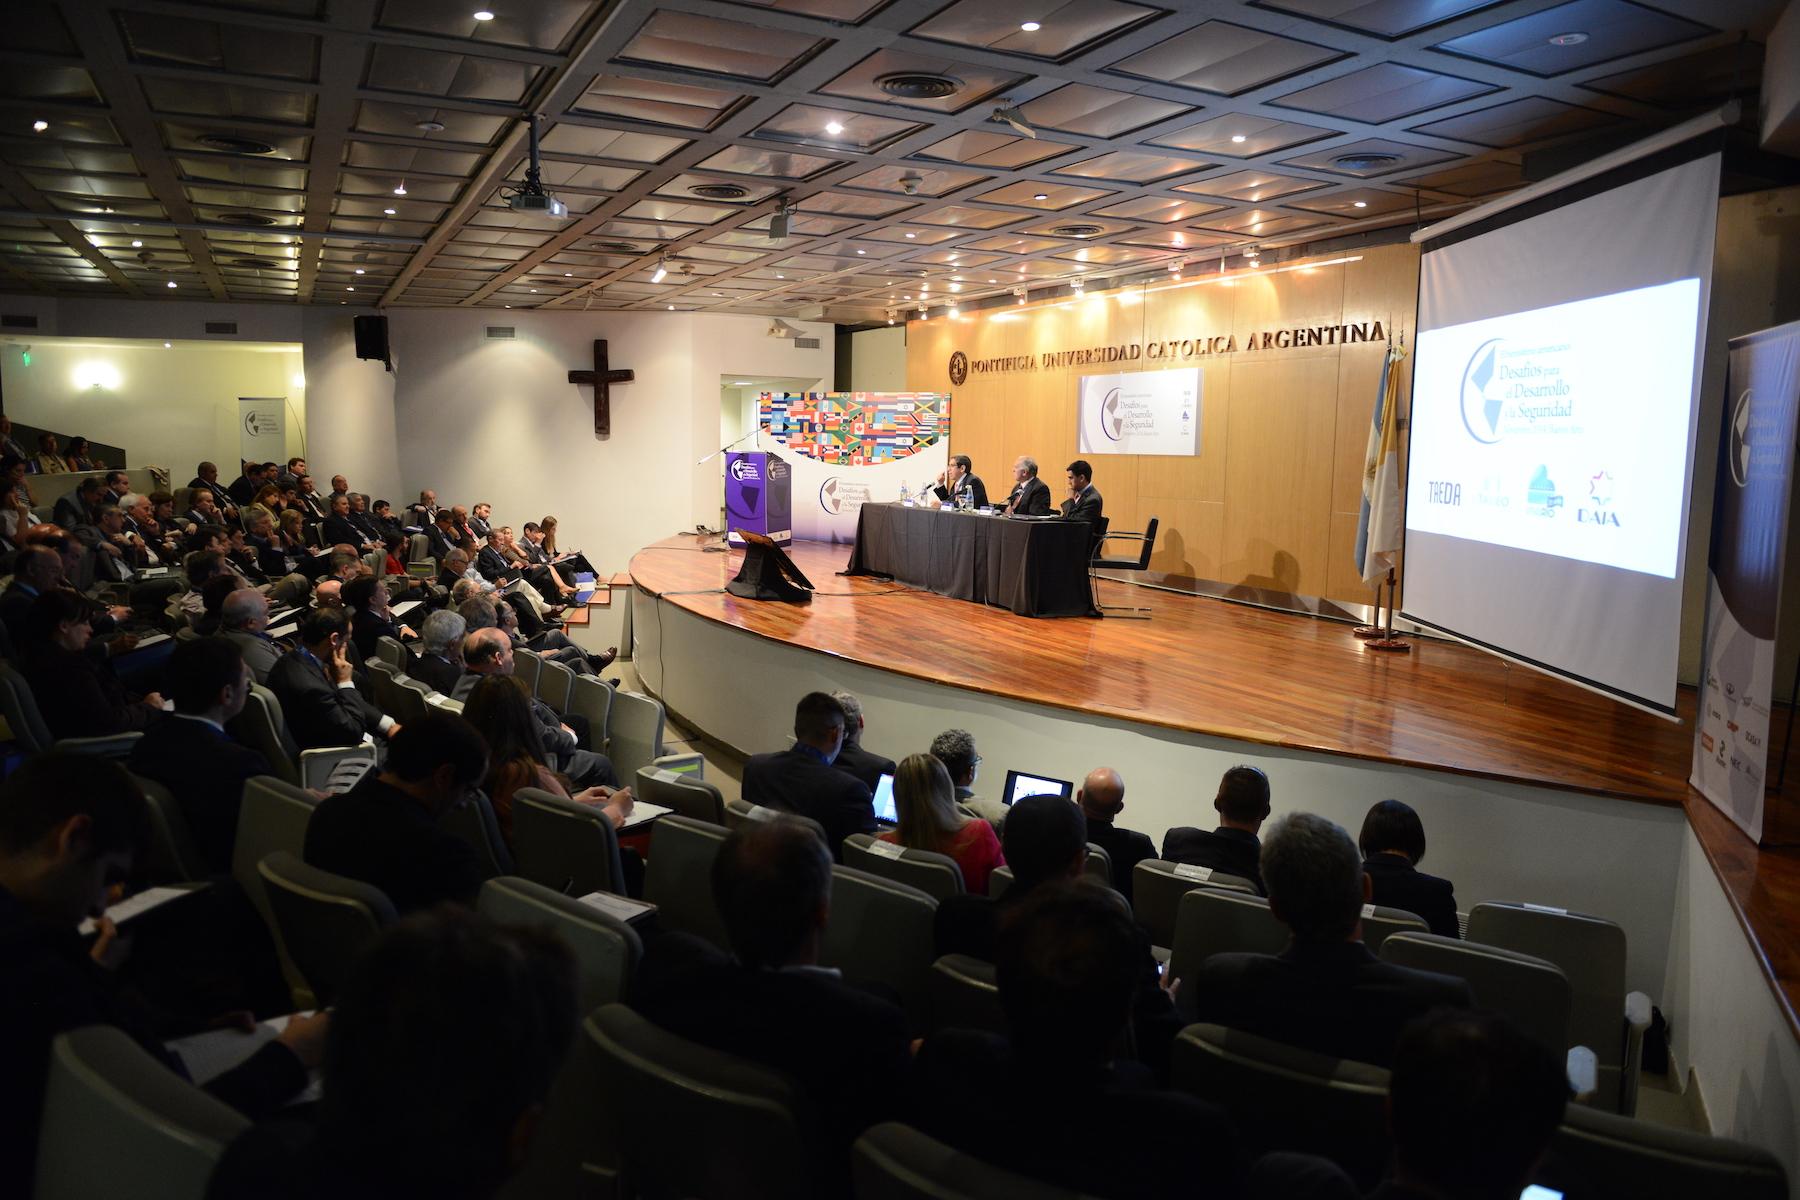 Organizamos grandes seminarios y eventos académicos de alcance internacional.